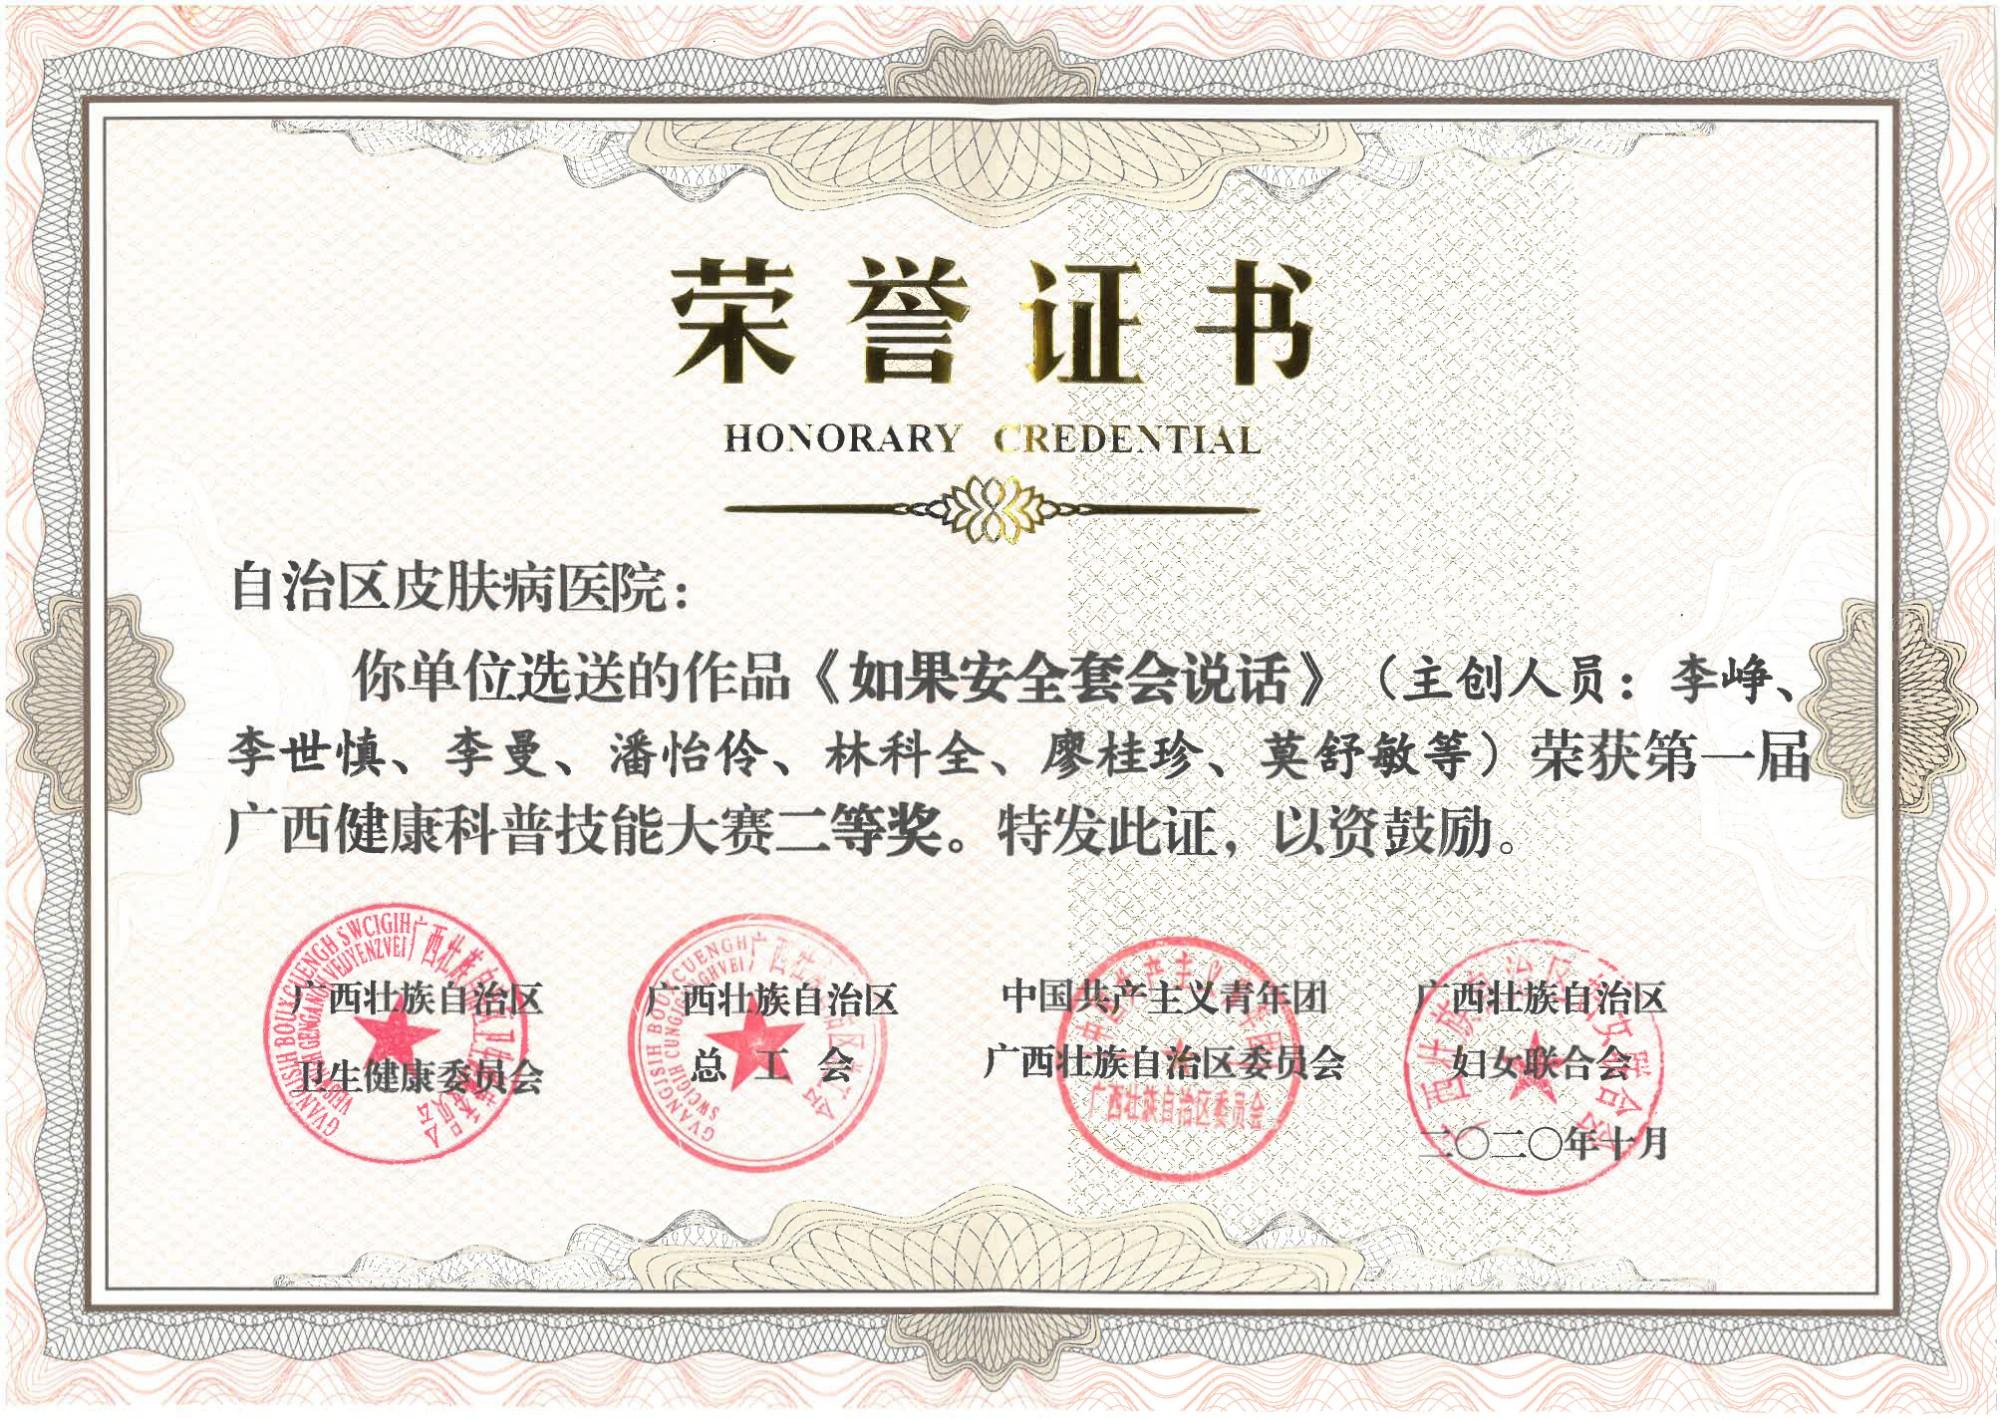 2020年获广西健康科普技能大赛二等奖